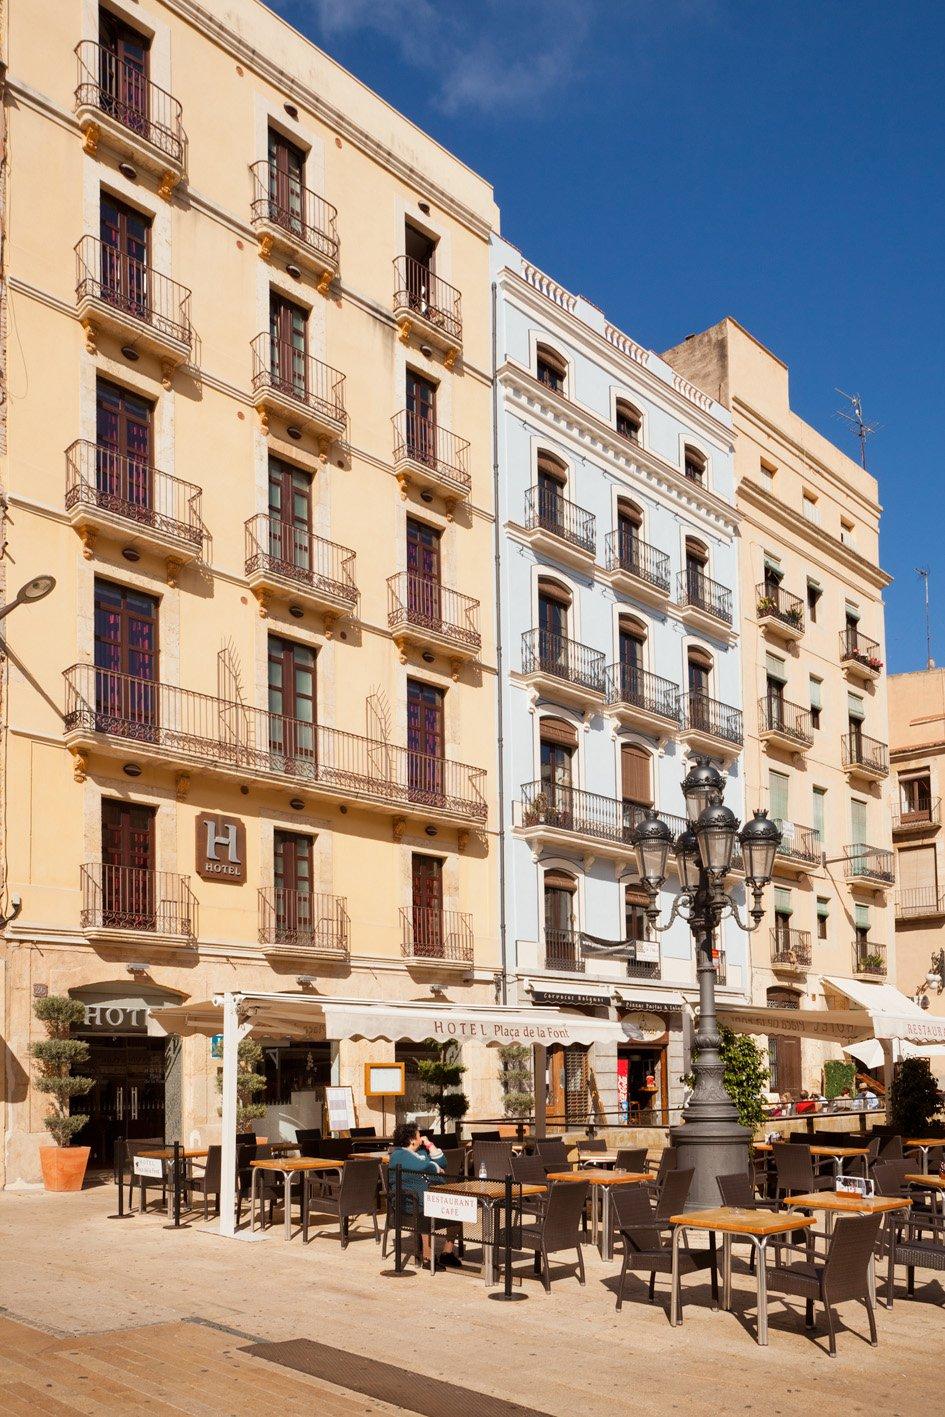 hotel_la_fontnombre_del_documento_12-d1cdb4d2daeb573ddccc9085981888dd